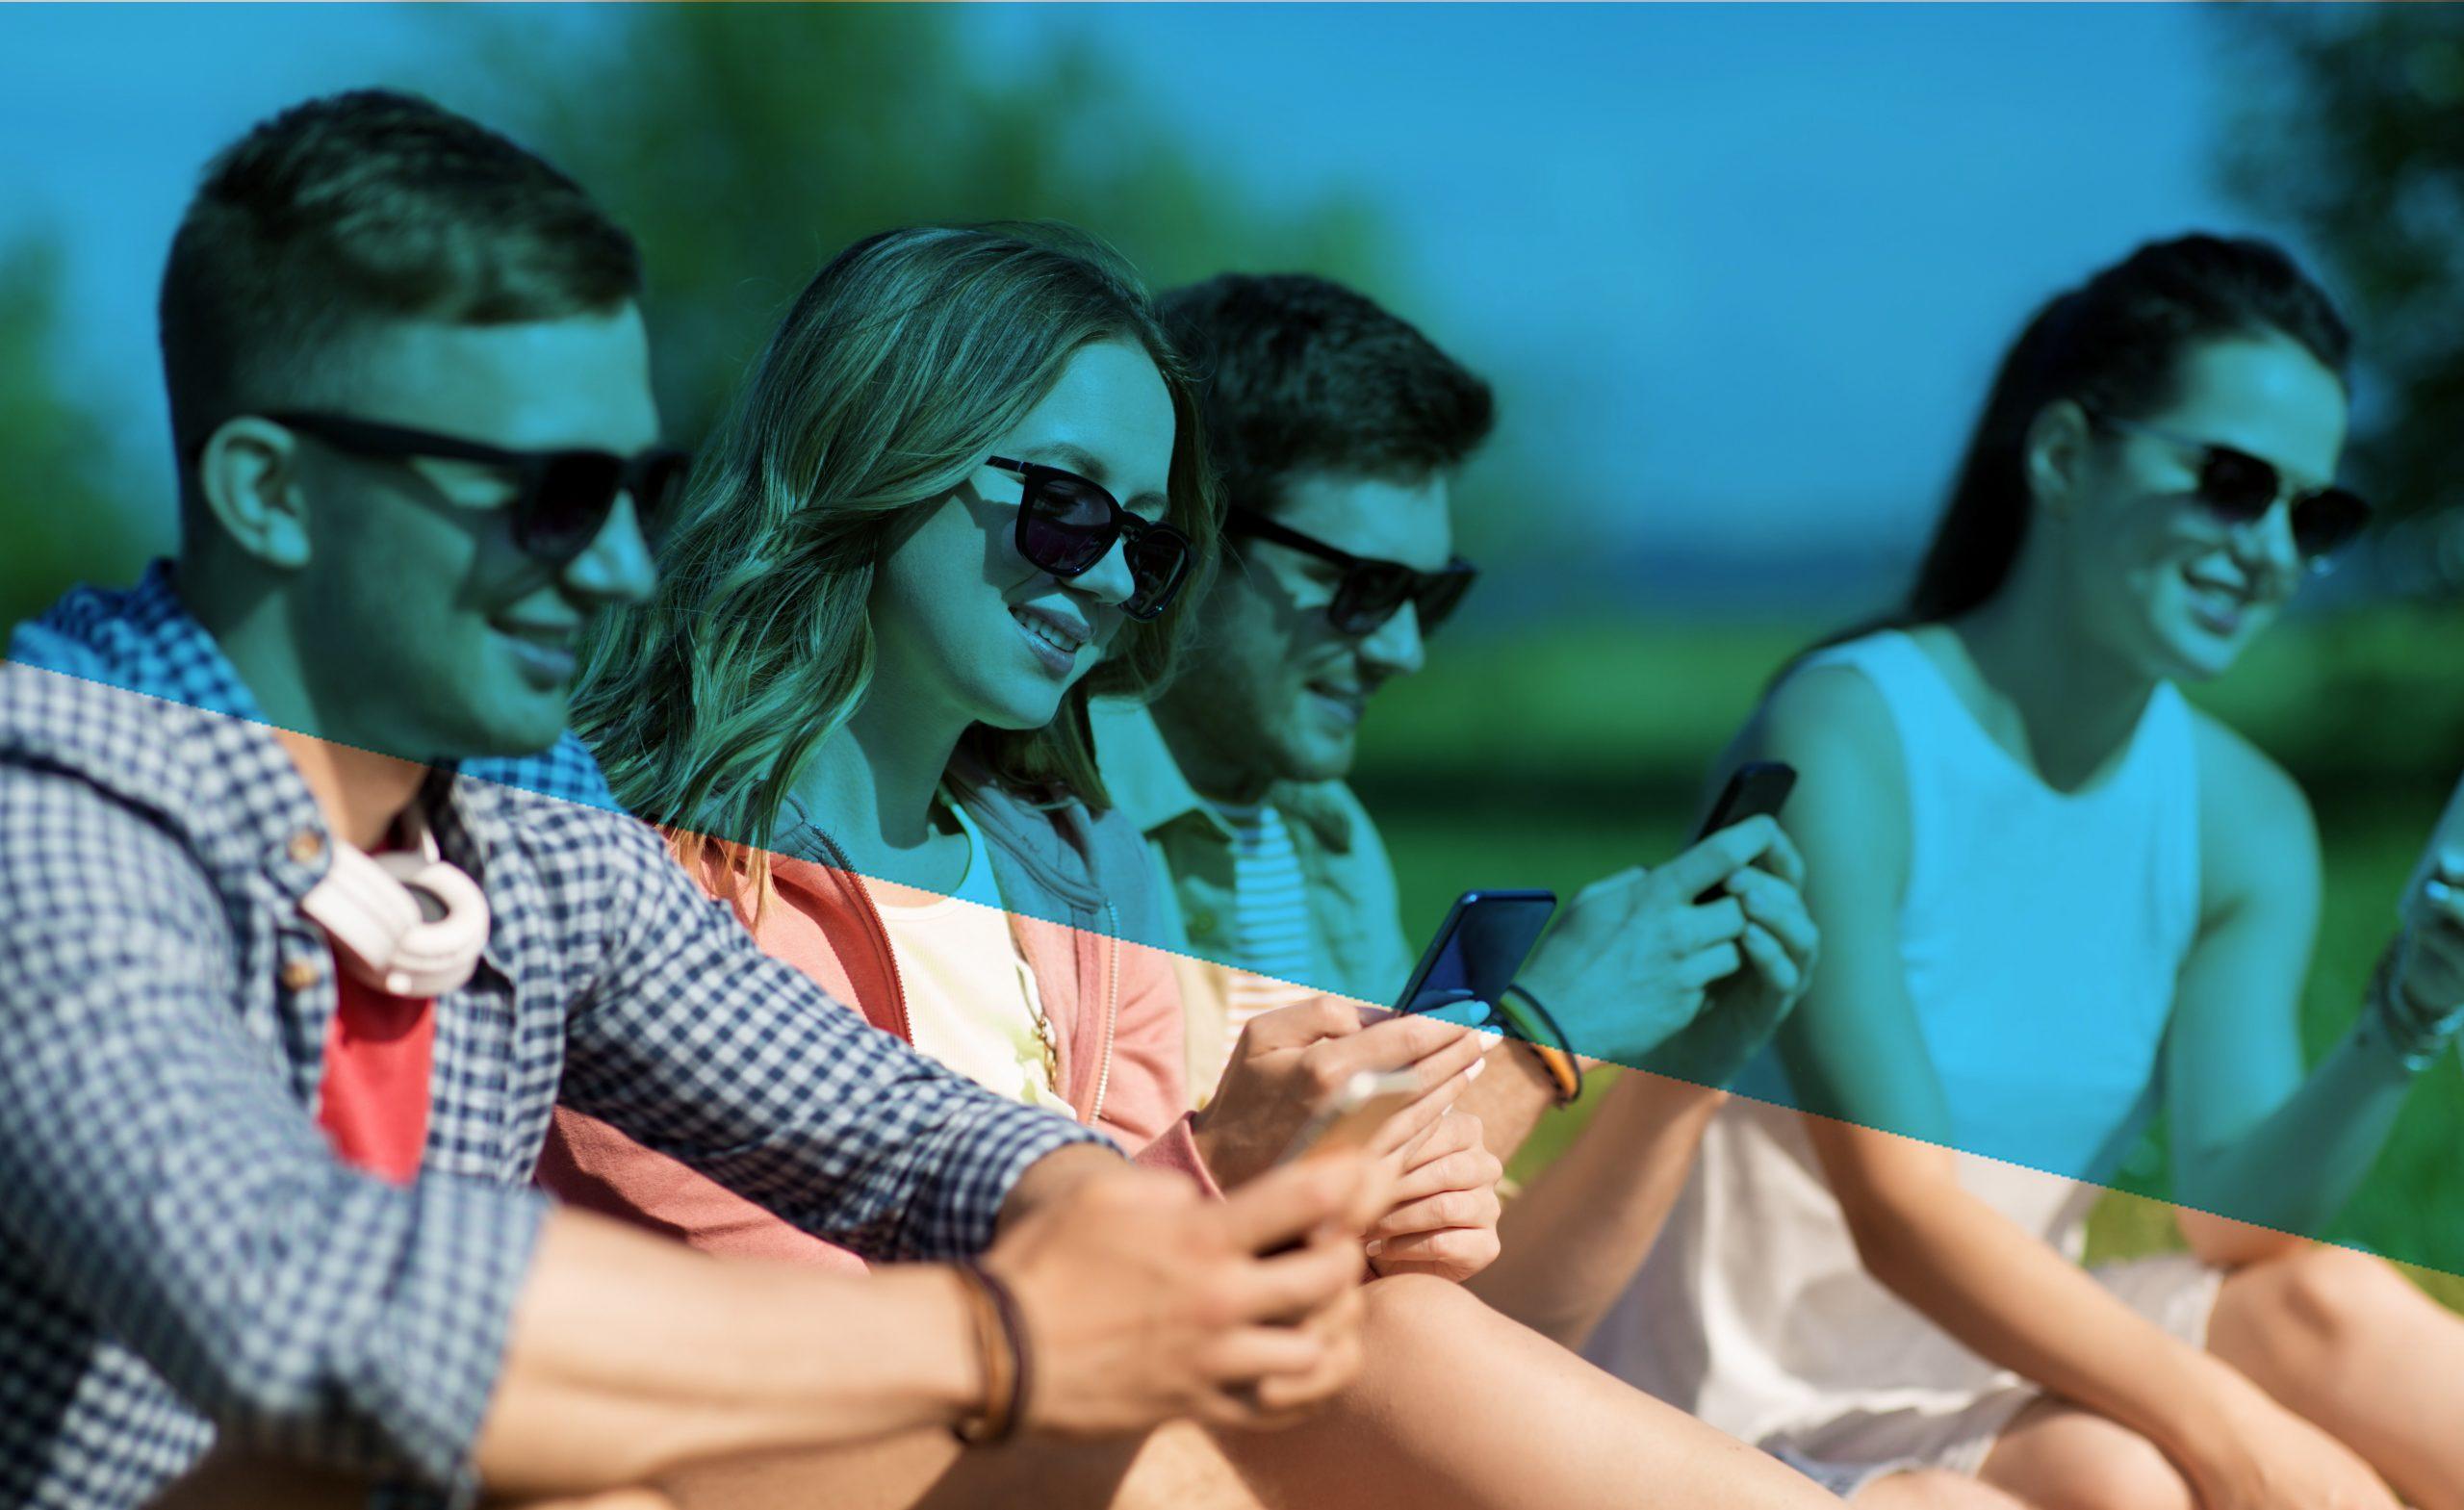 Tele2 предлагает своим абонентам привлекать своих друзей в сеть за 200 рублей 1